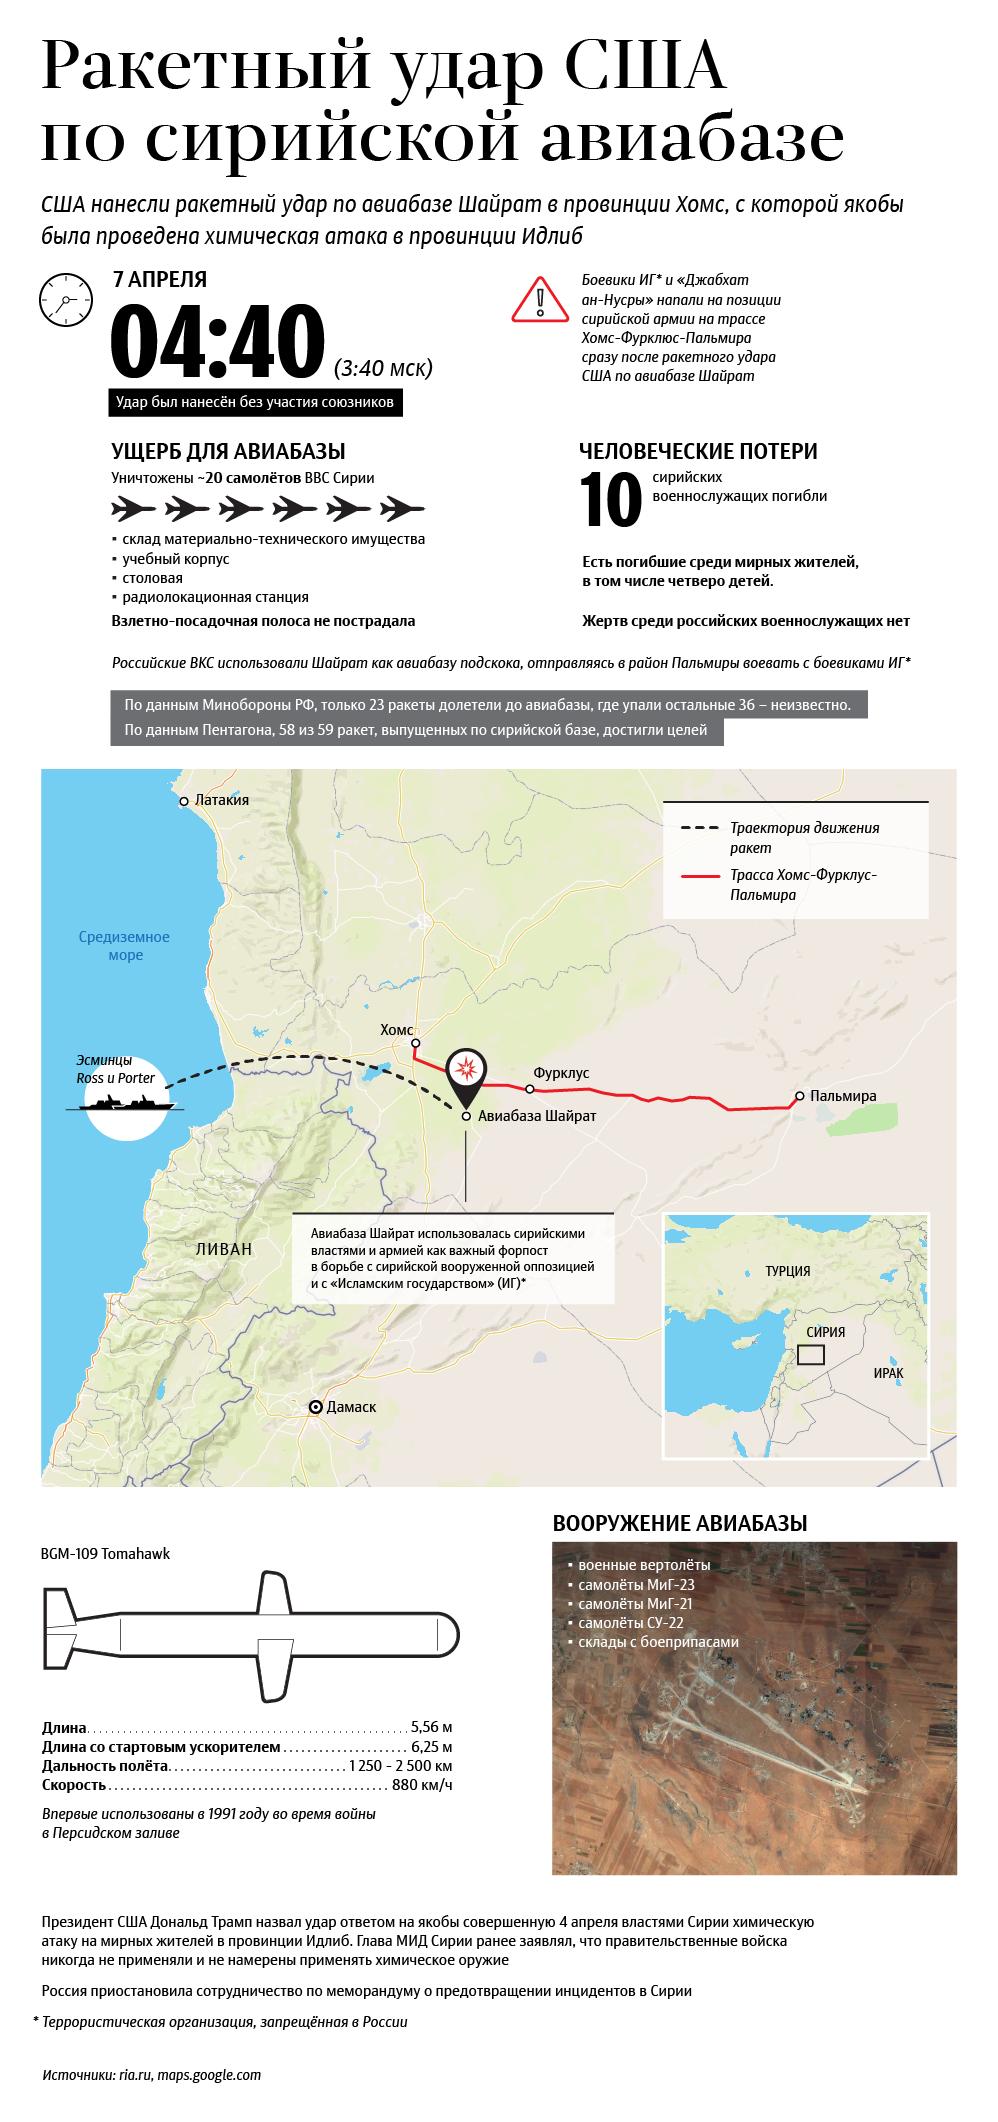 Ракетный удар США по сирийской авиабазе